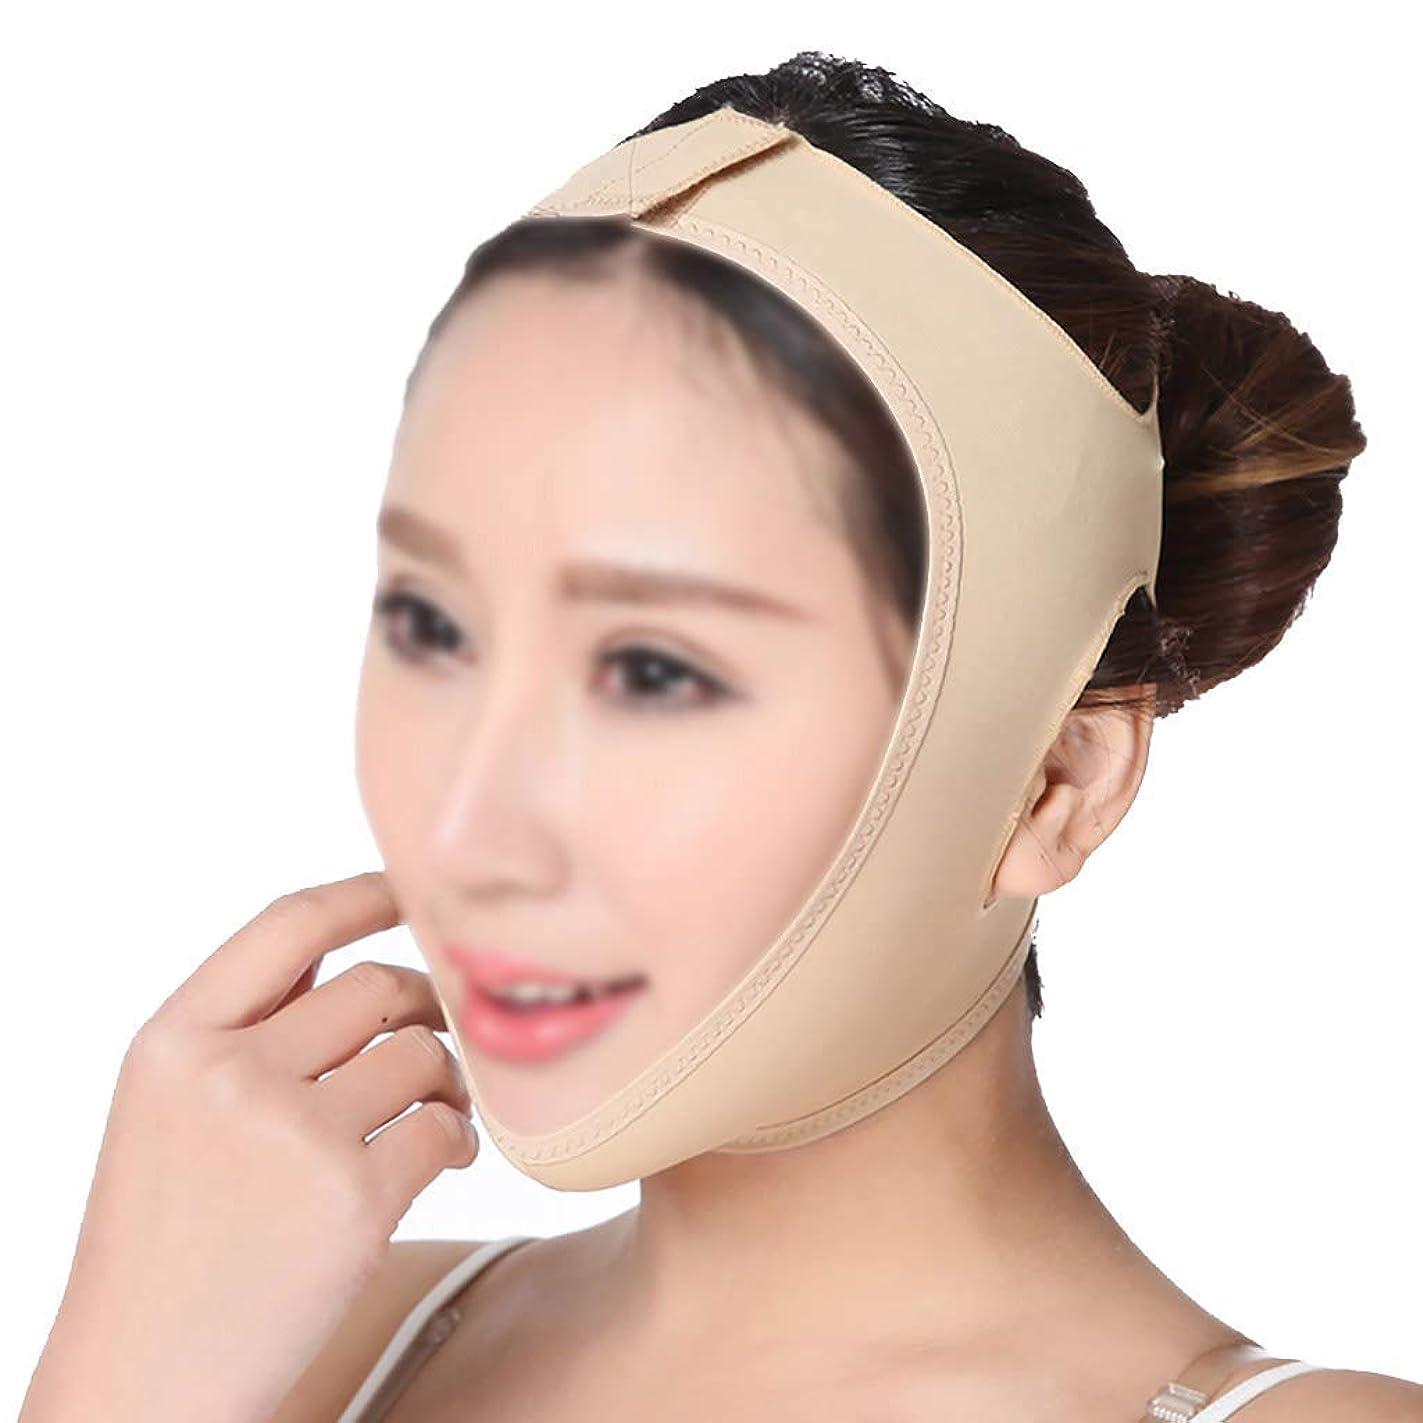 襲撃モチーフ請う薄い顔の包帯の顔スリム二重あごを取り除くVラインの顔の形を作成するあごの頬リフトアップアンチリンクルリフティングベルトフェイスマッサージツール(サイズ:L)